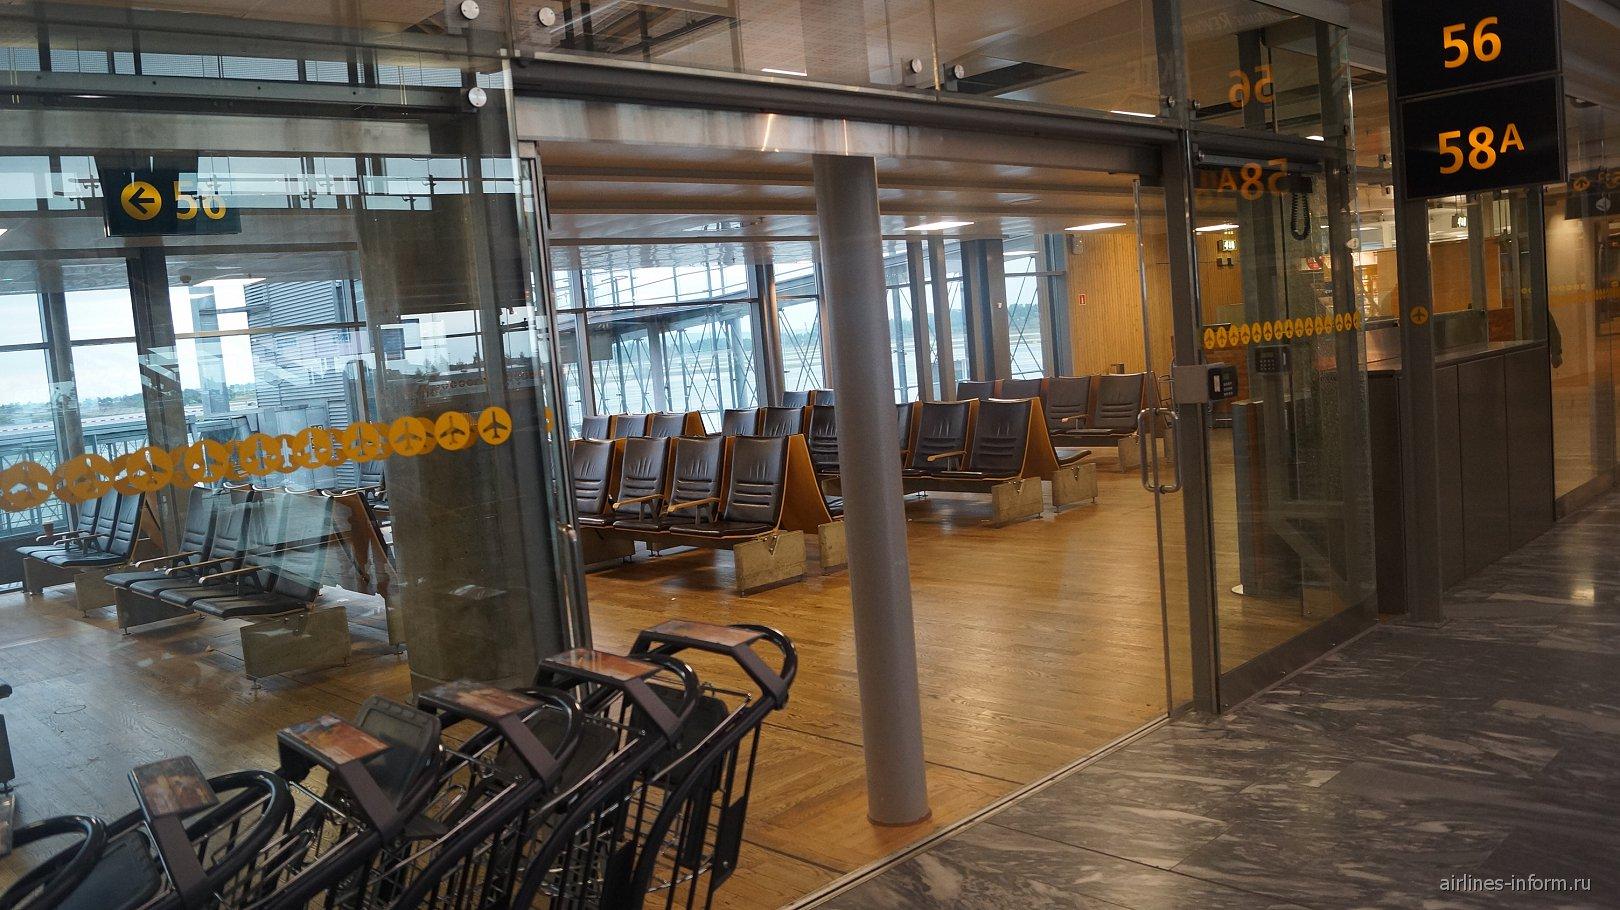 Залы ожидания перед вылетом в аэропорту Осло Гардермуэн